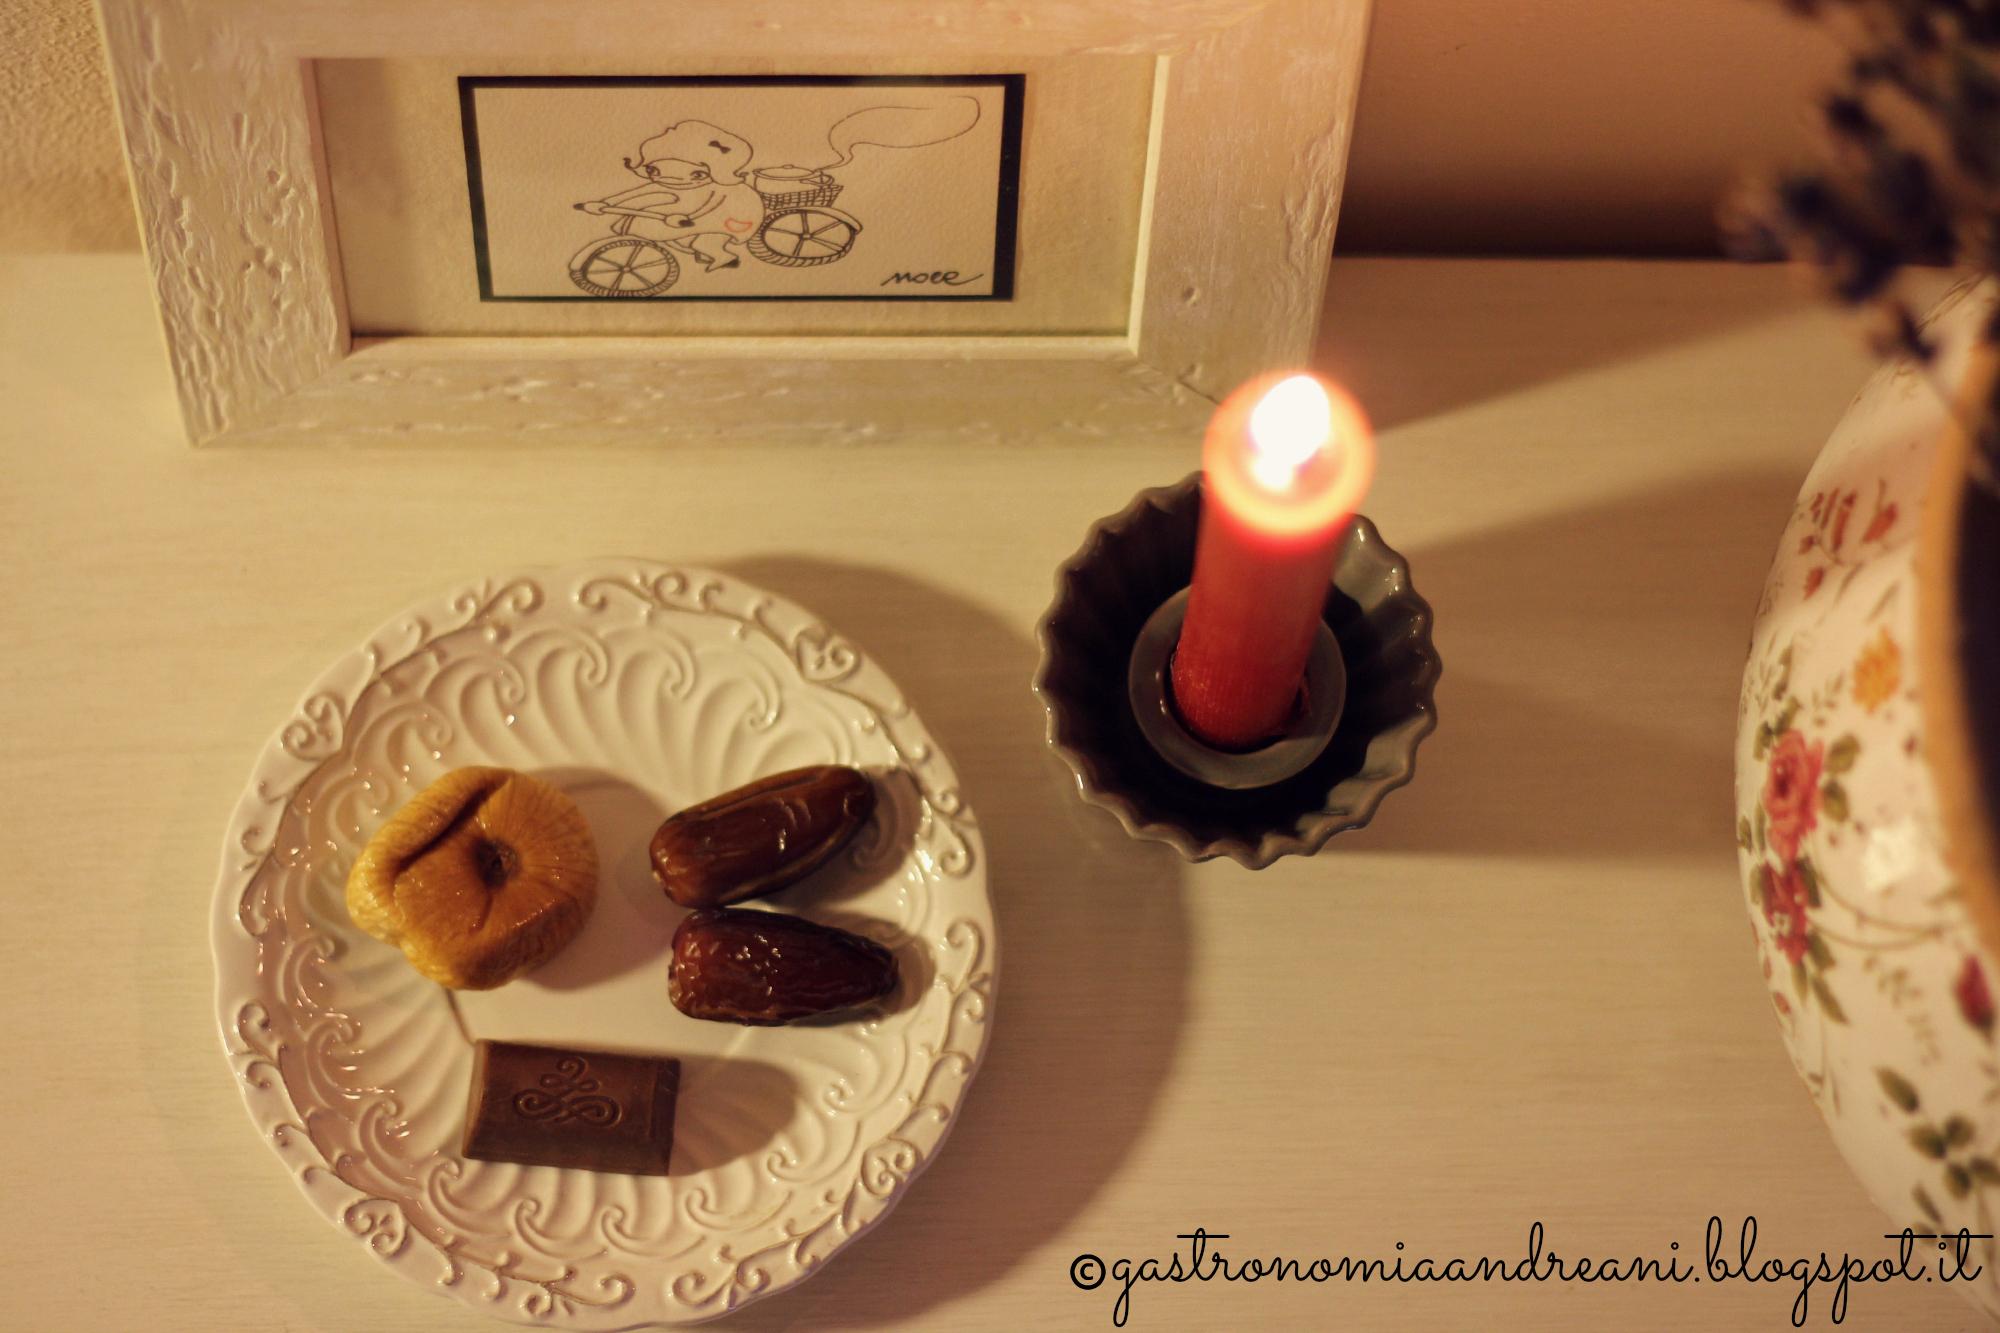 #ptitzelda2014day4 - datteri, fico secco e cioccolato